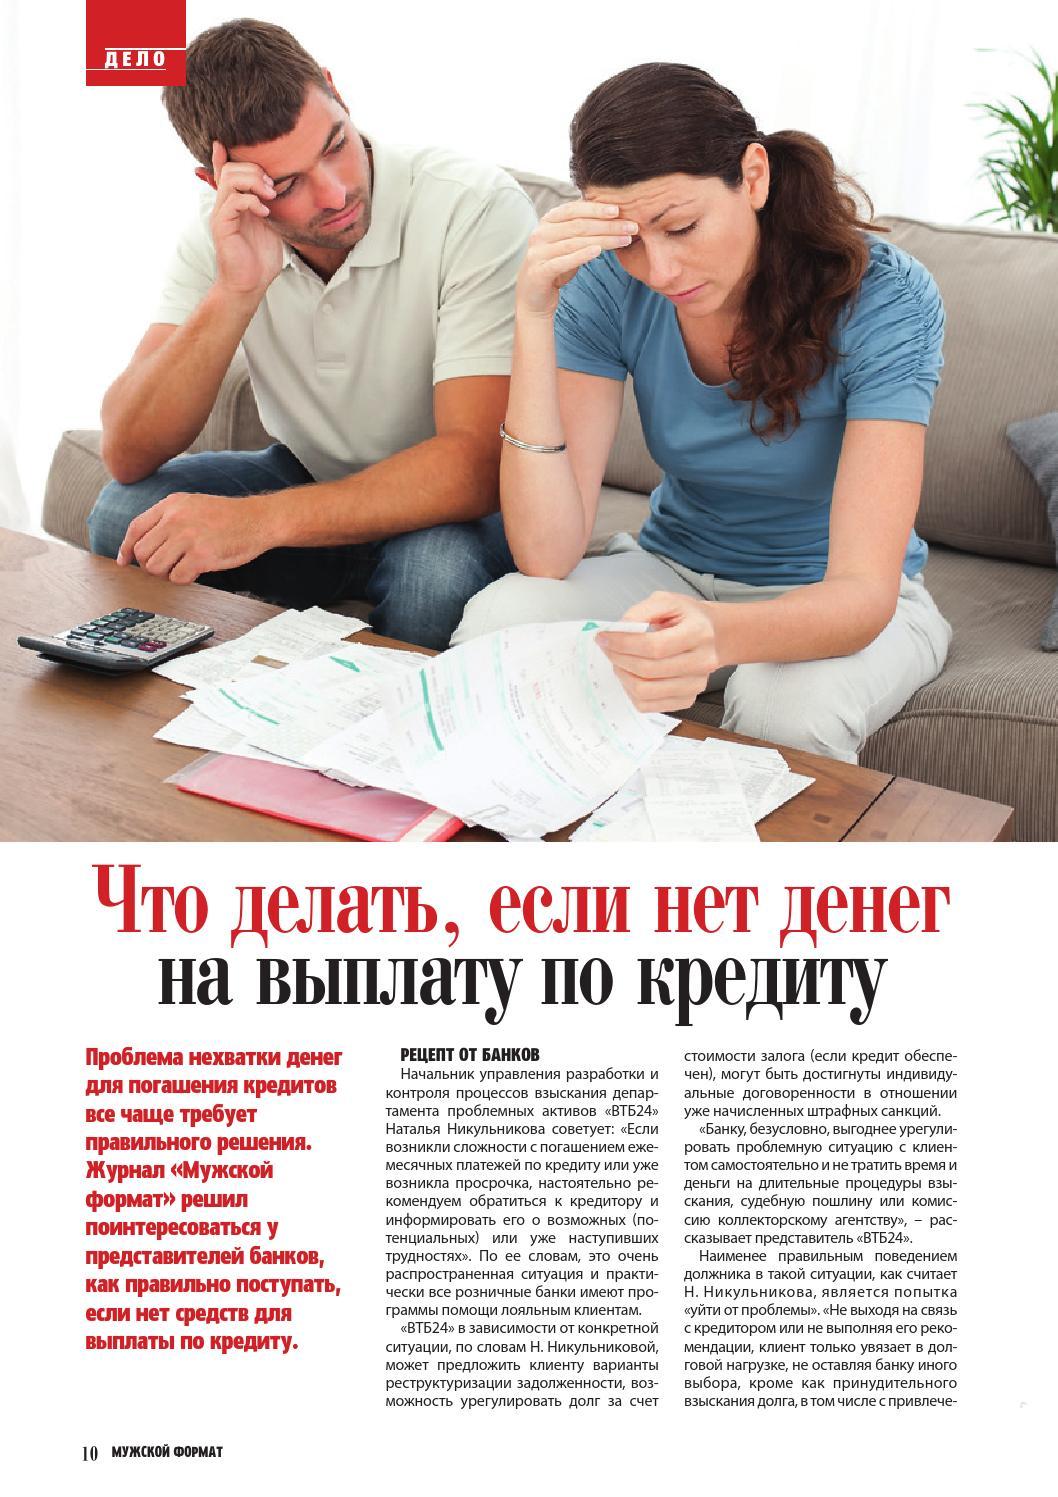 Как не платить кредит законно и начать спокойно жить - советыюриста по кредитным долгам